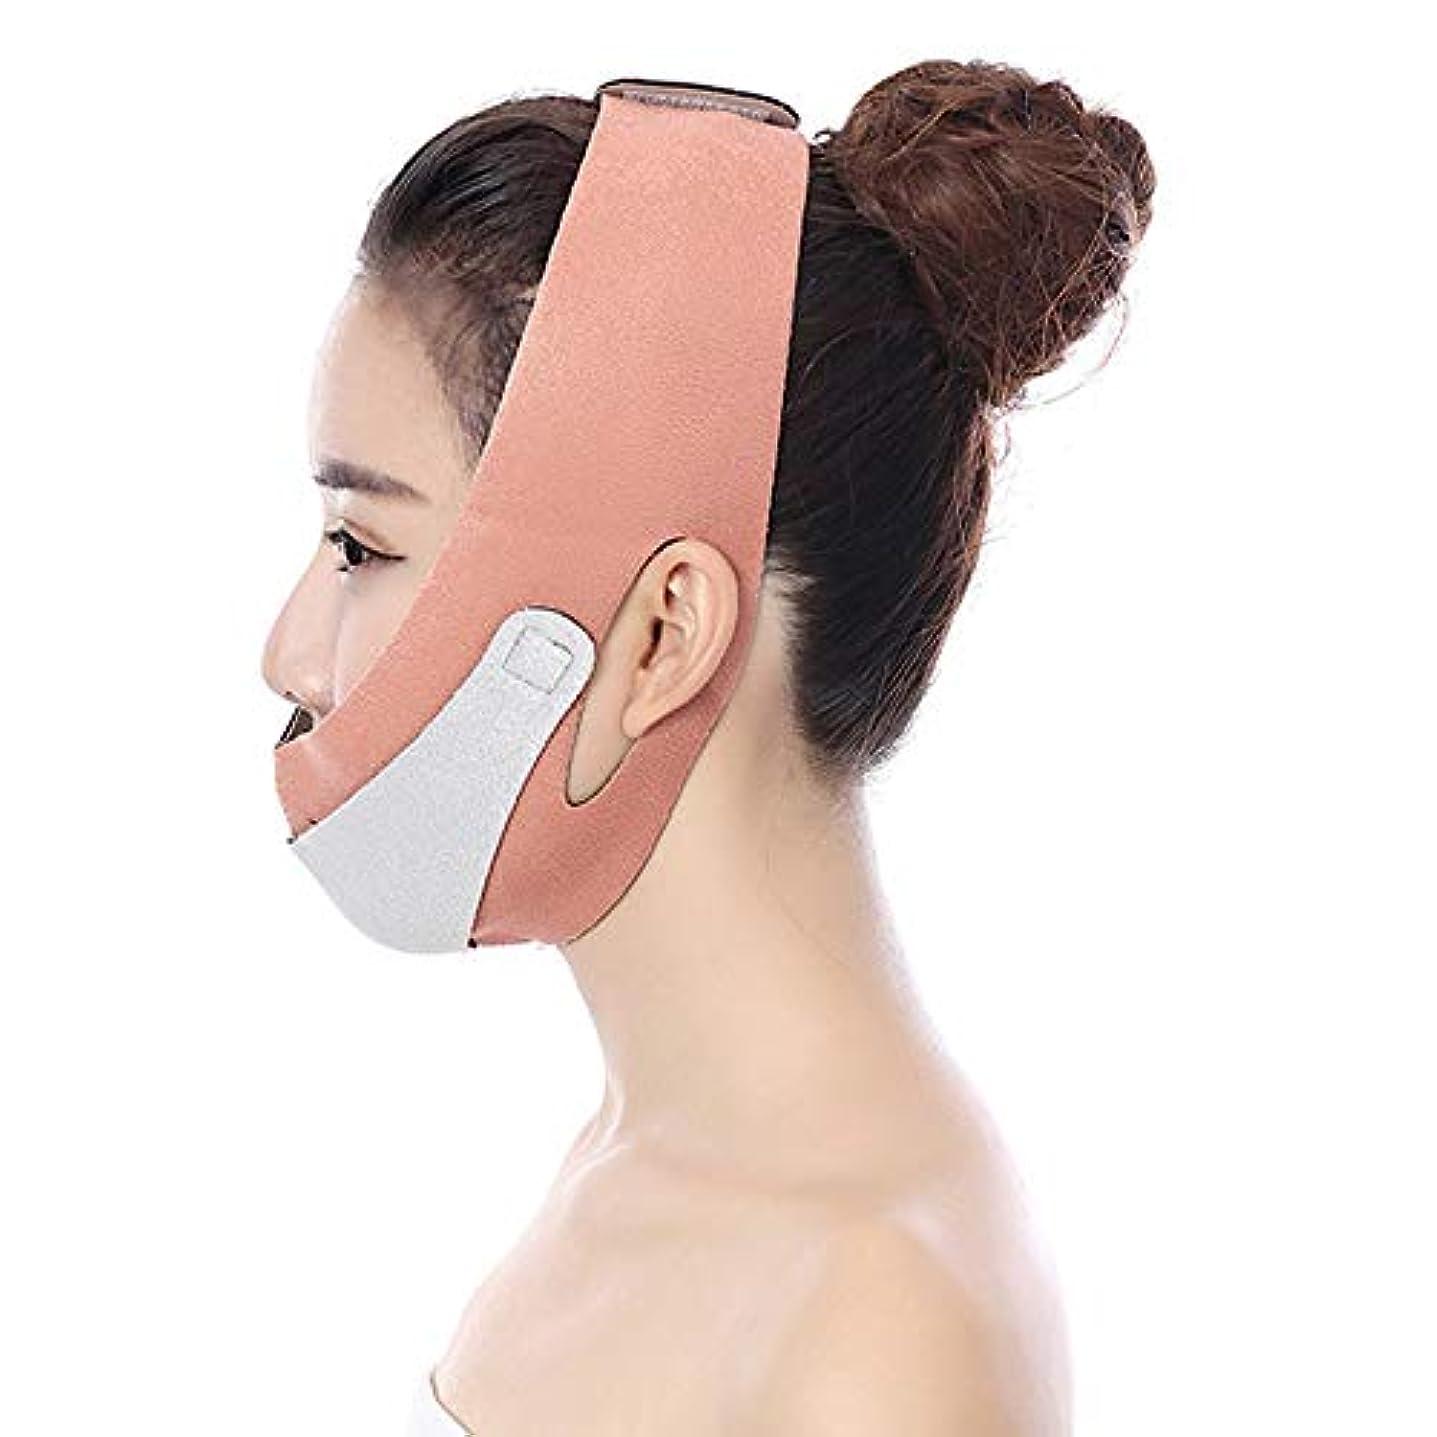 悲しみ患者版フェイスリフティングベルト、薄い顔は、女性マッサージフェイスシン下顎シン脛骨Vフェイスアーティファクト?フェイシャルシェーピングマスク (Color : A)